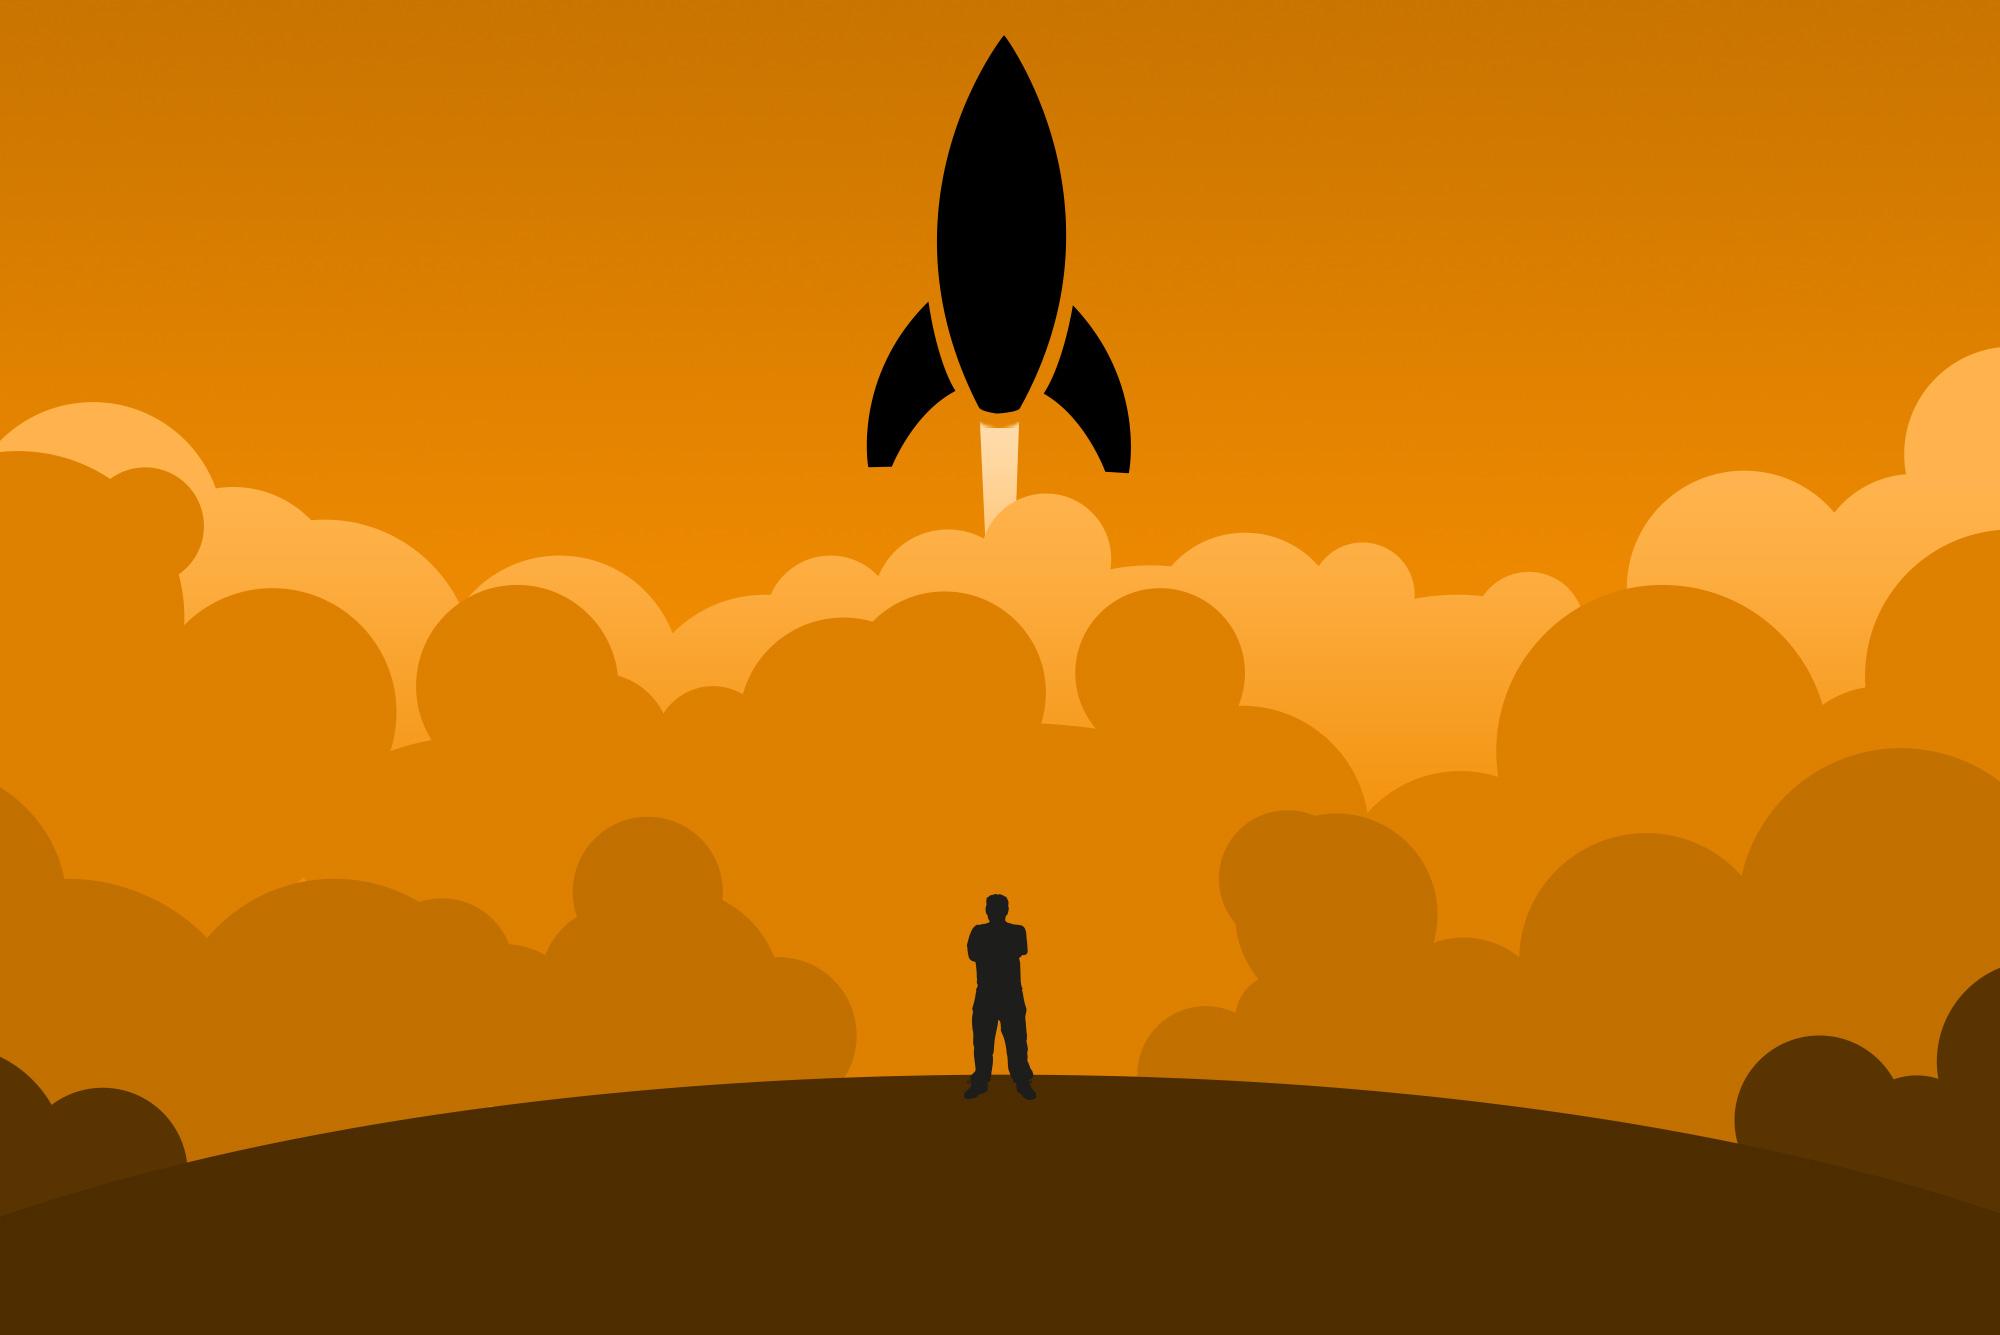 Spaceship on an orange background - Digital transformation